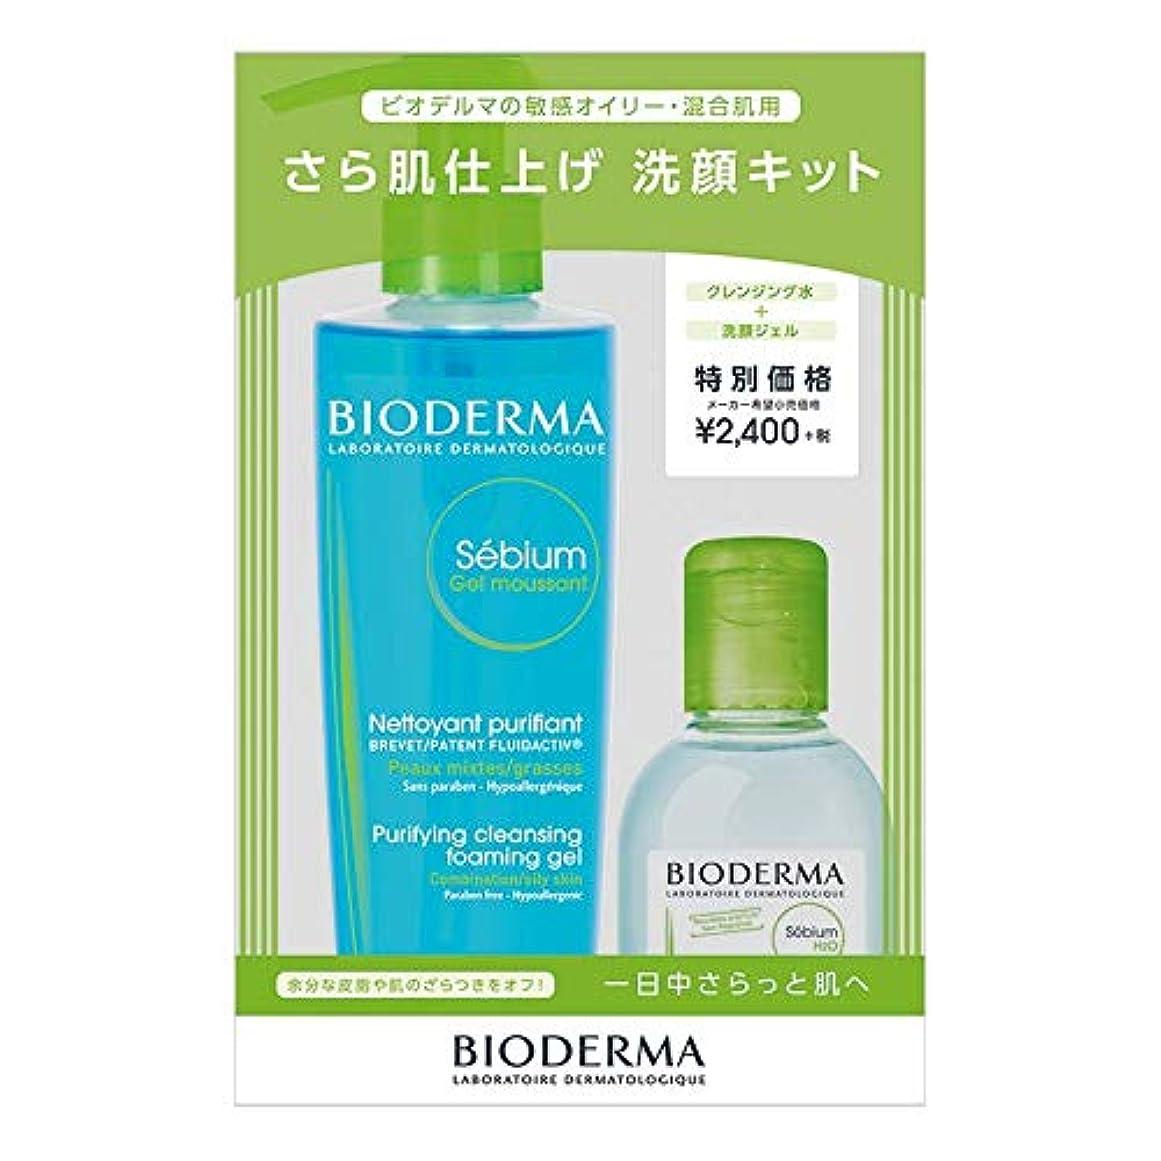 トライアスロン肺炎塗抹ビオデルマ セビウム サラハダシアゲ センガンキット 洗顔 セット 200g+100ml